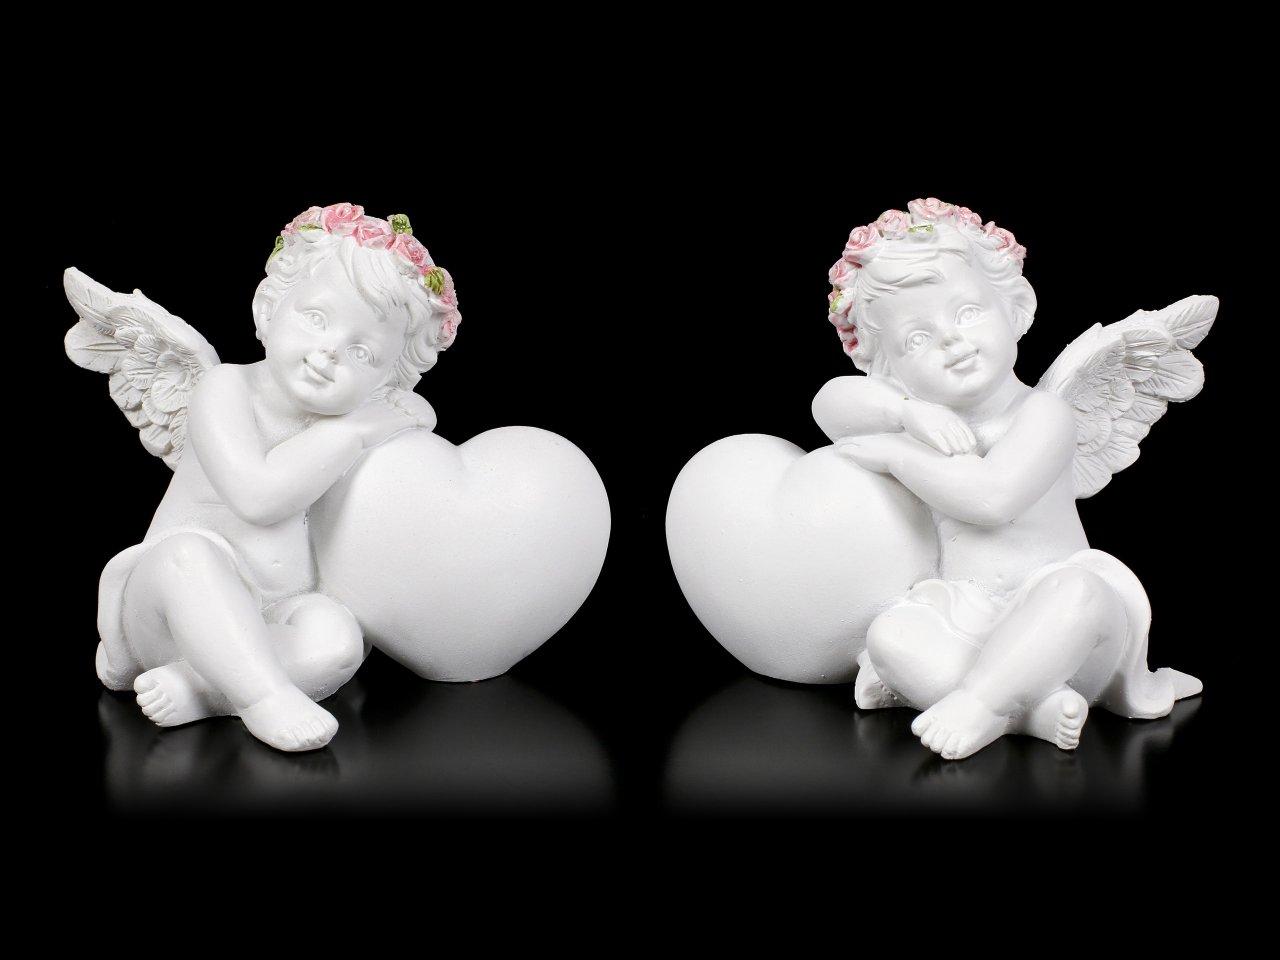 Engel Figuren - Putten mit Herz - 2er Set